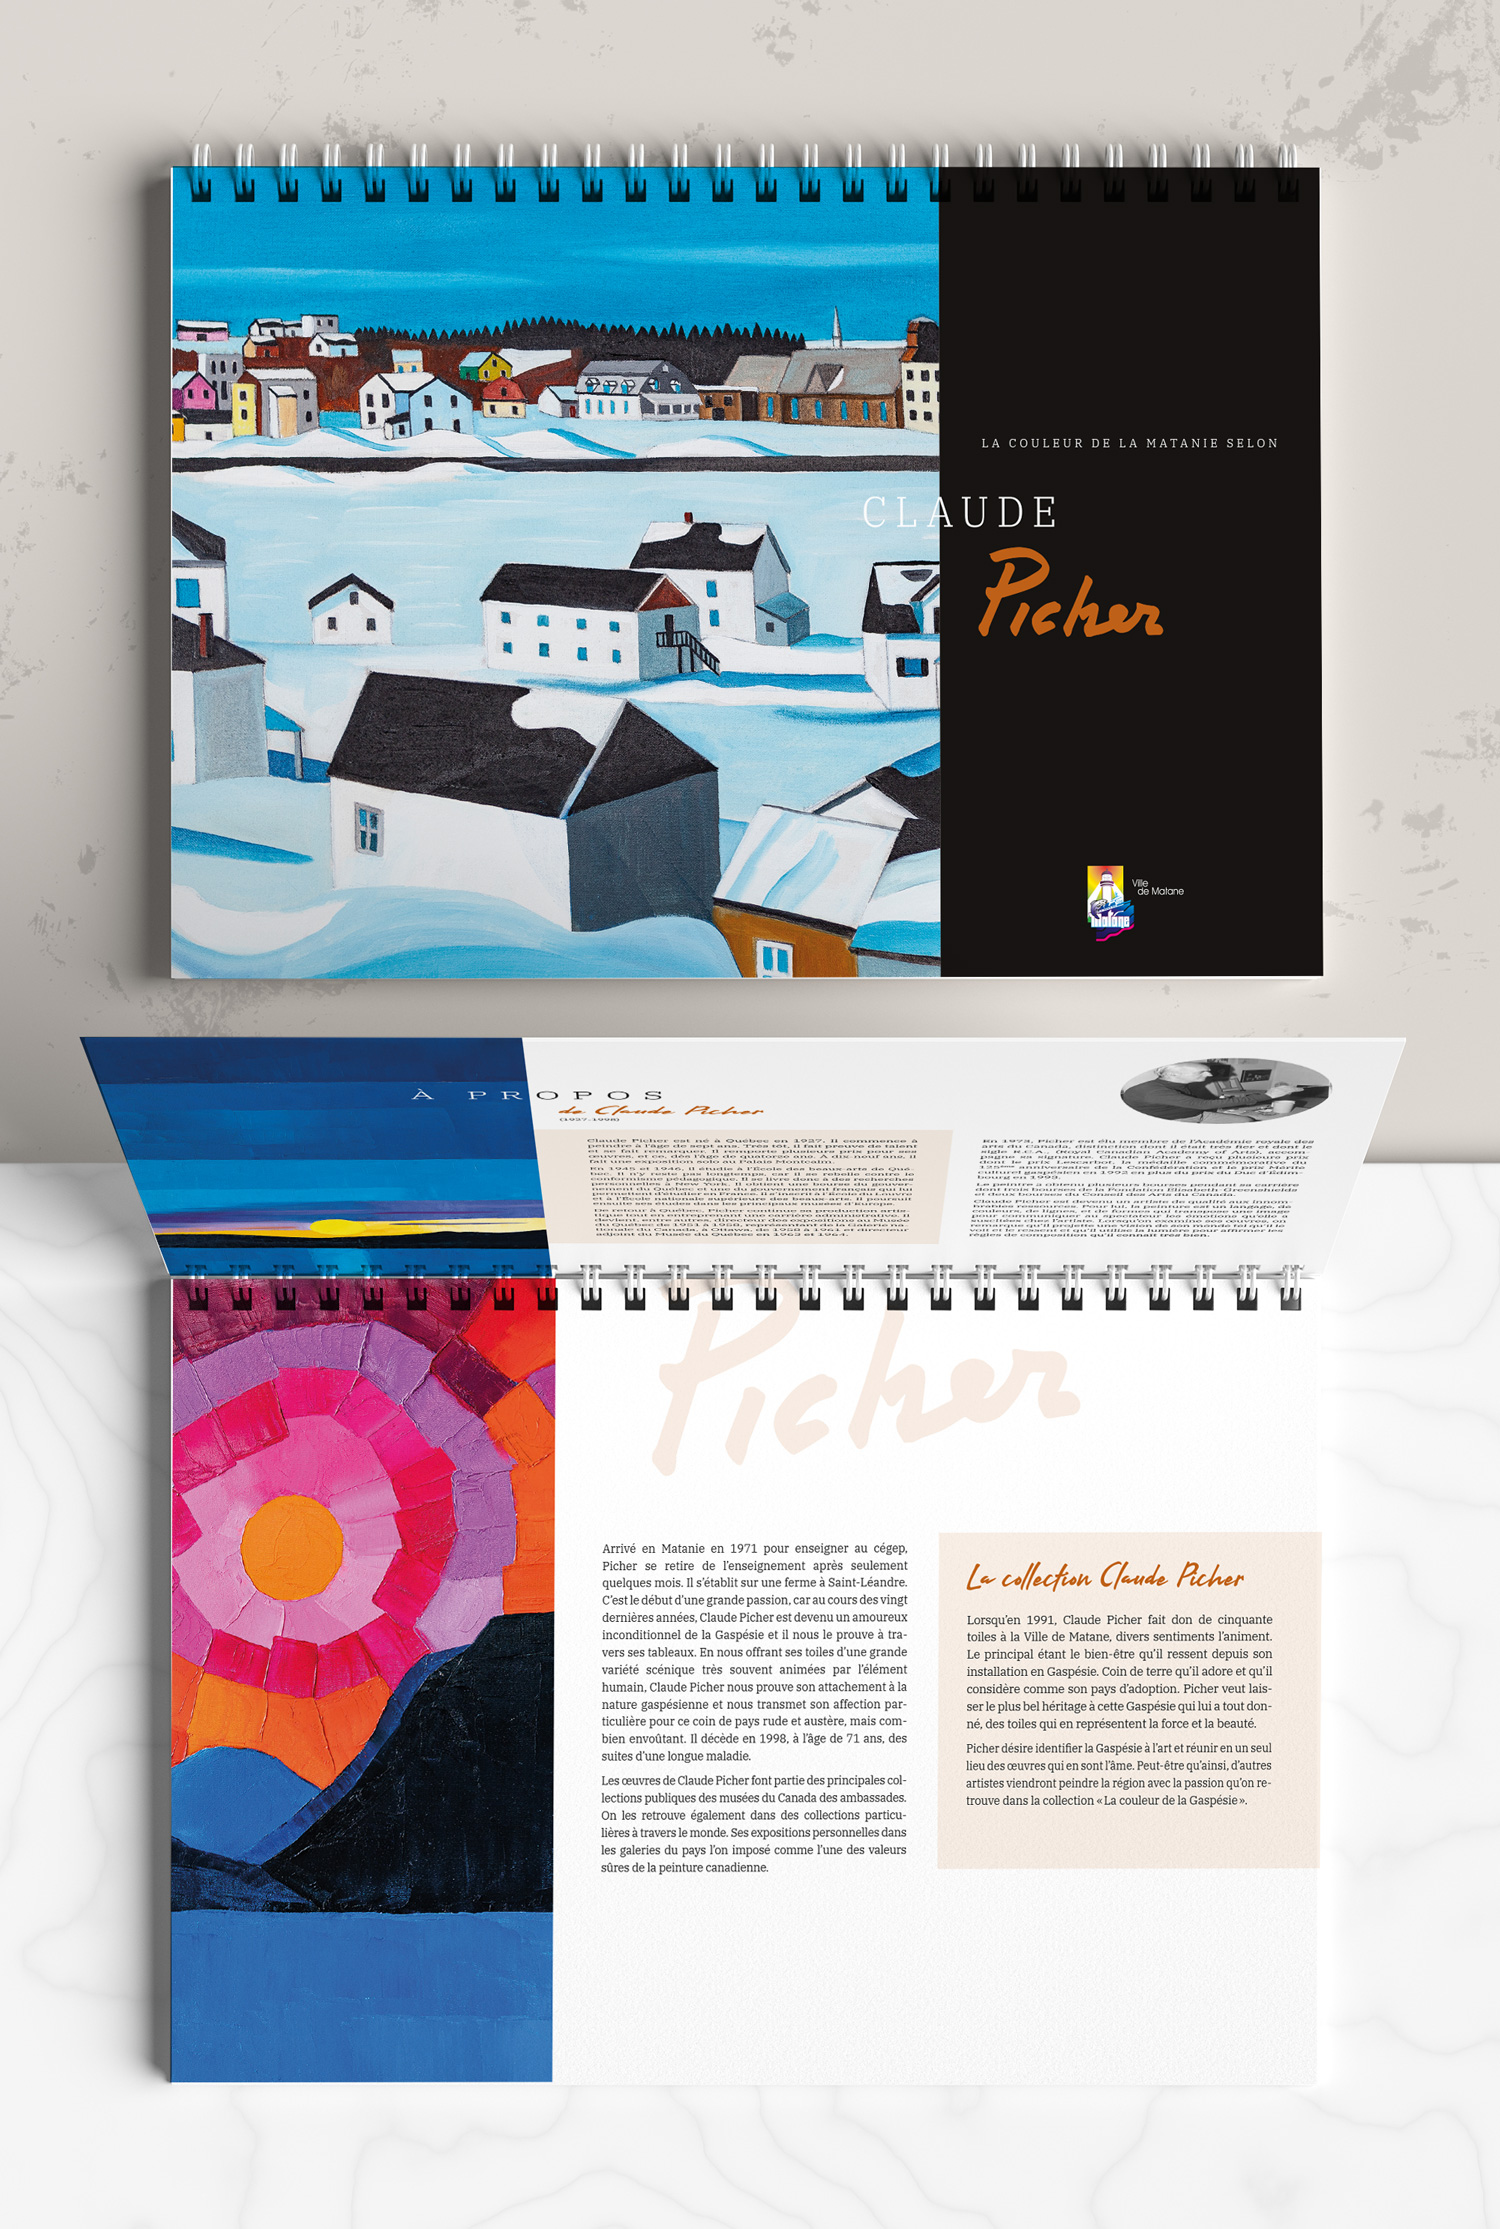 Conception et illustrations d'un cahier de coloriage sur les œuvres de Claude Picher